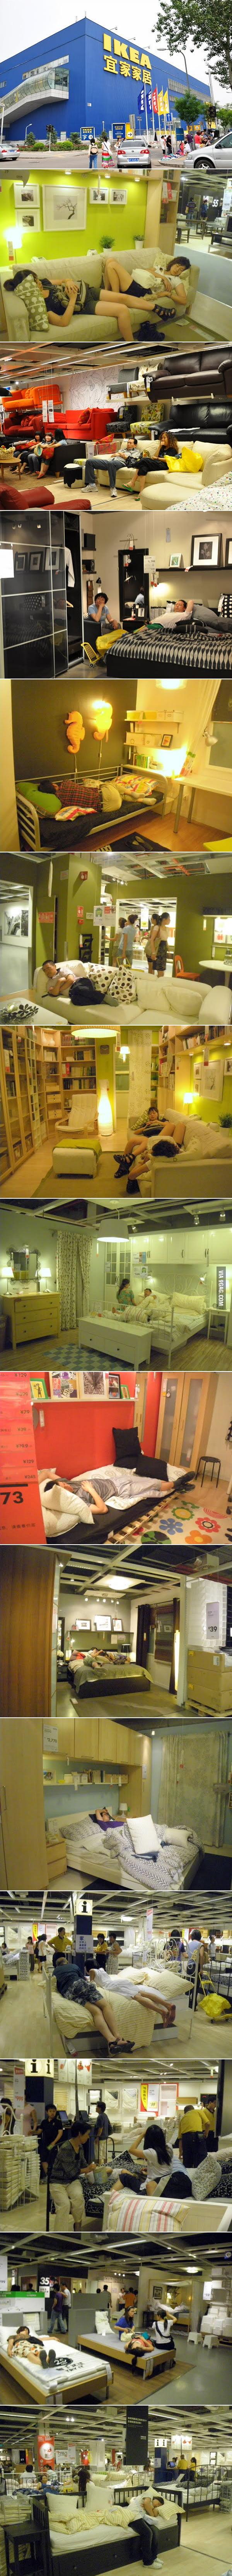 IKEA in China.